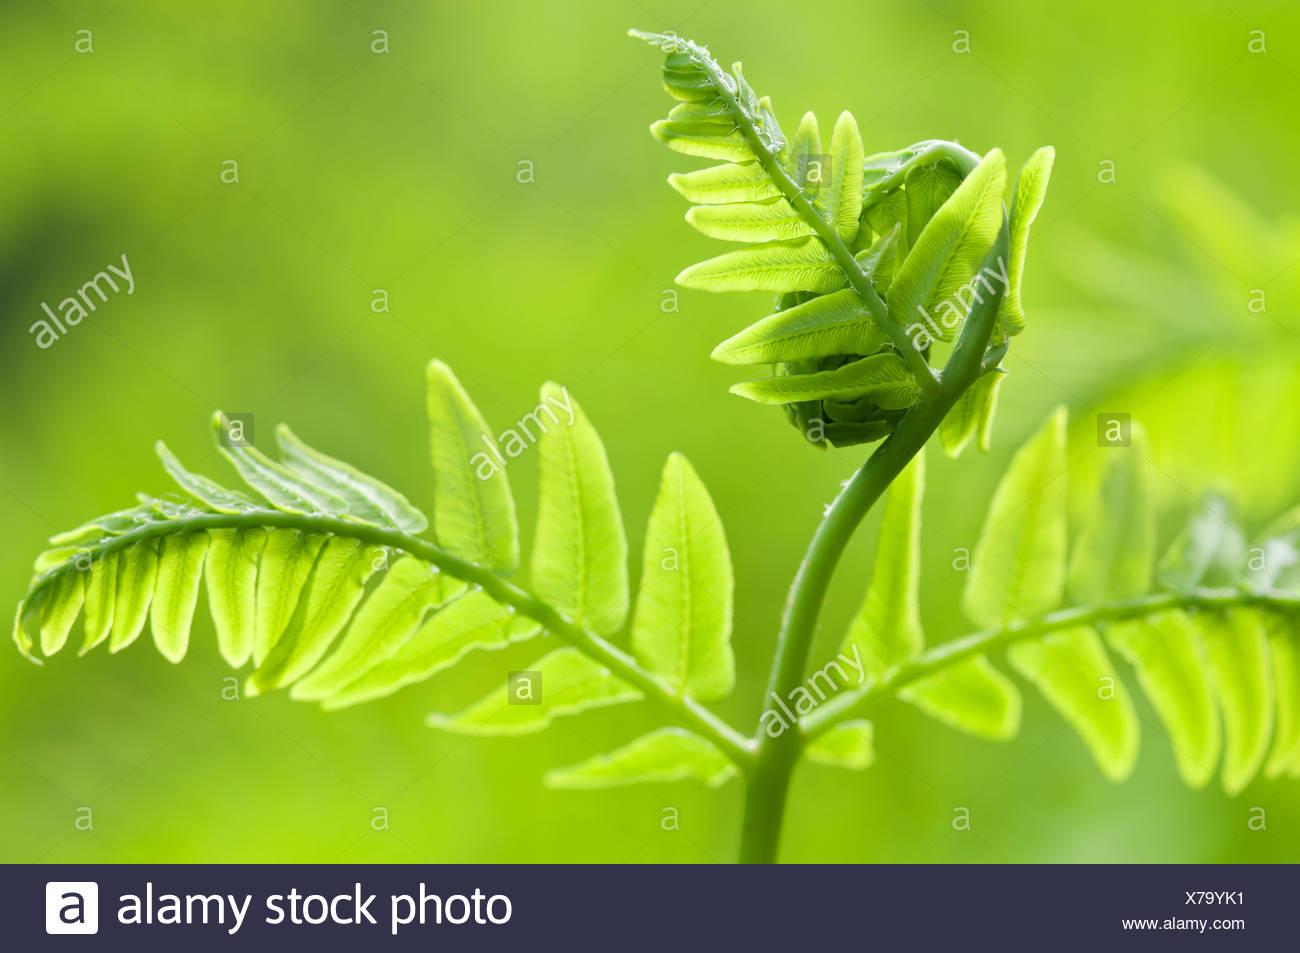 Osmunda regalis, foglia di felce dispiegarsi, oggetto verde, sfondo verde. Immagini Stock